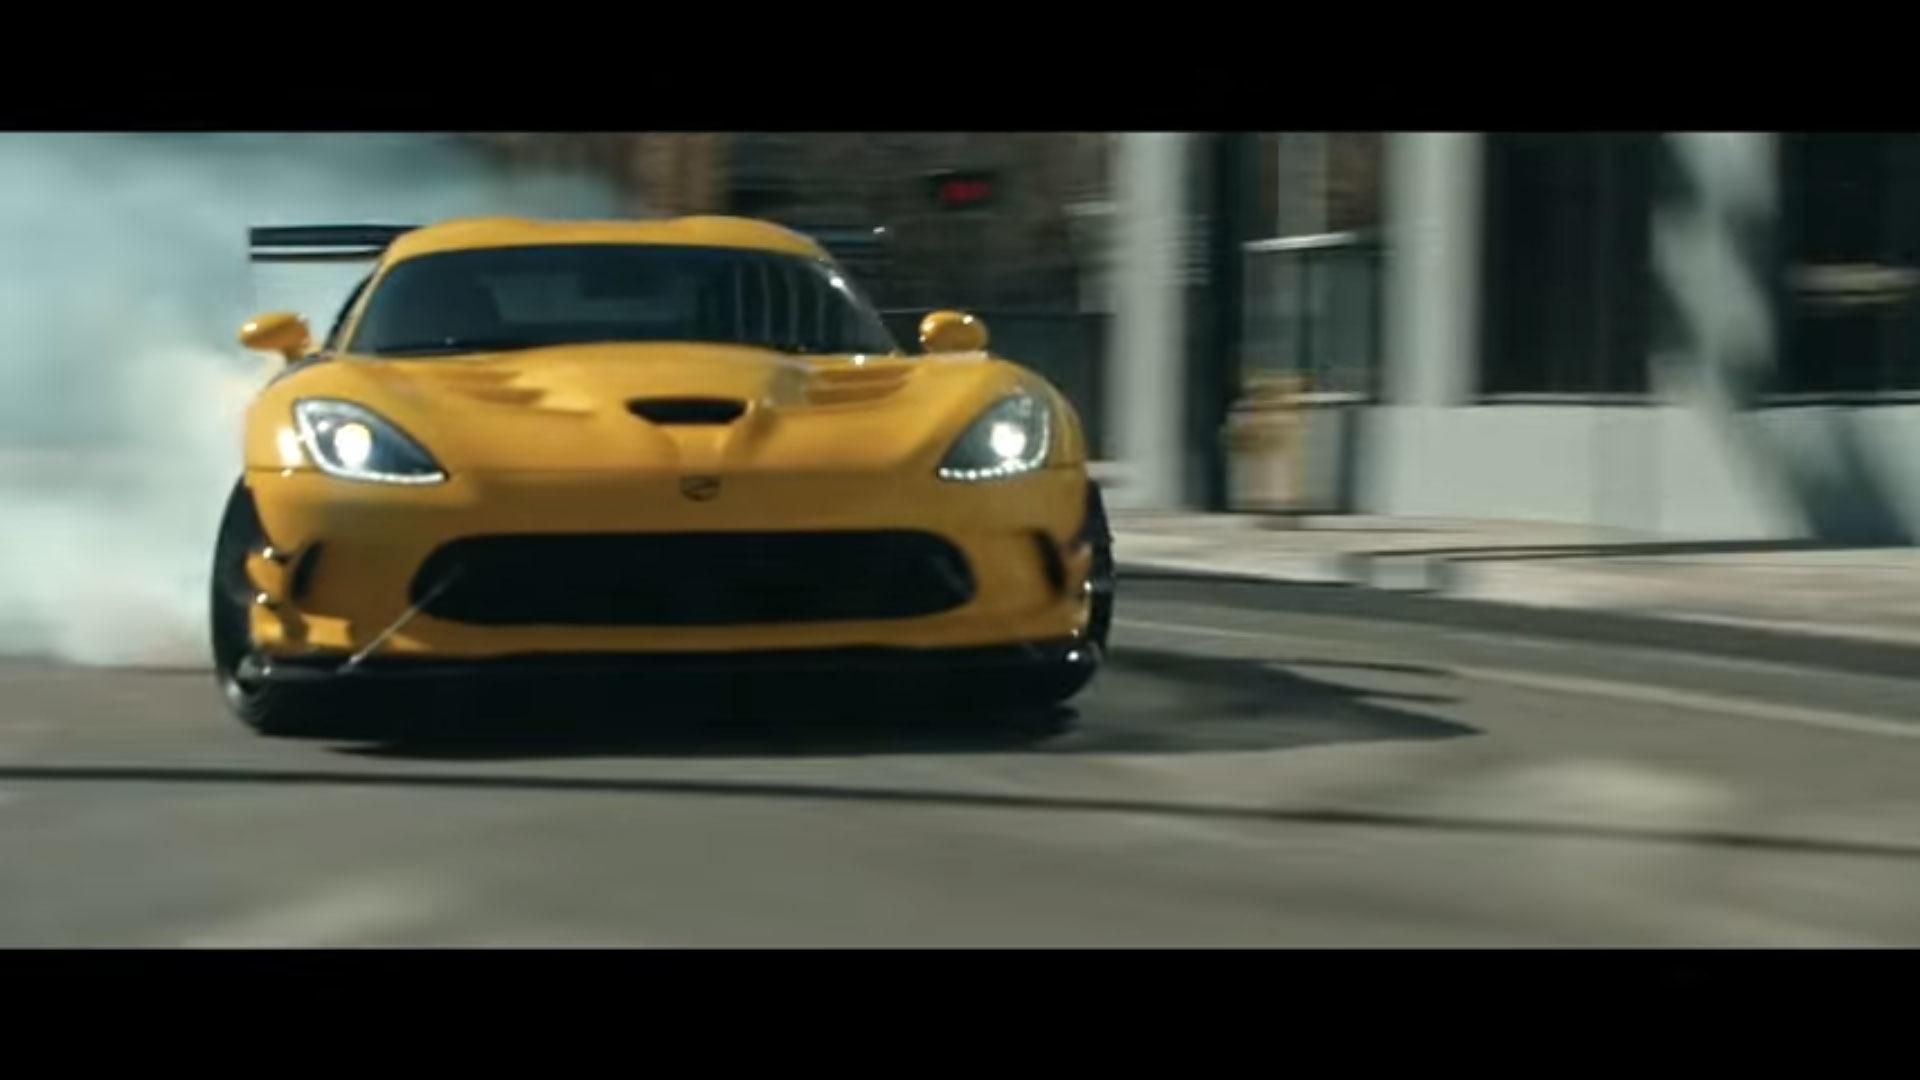 2017 Dodge Viper Horsepower >> See The Sun Set On 'The Last Viper' In Short Penzoil Film